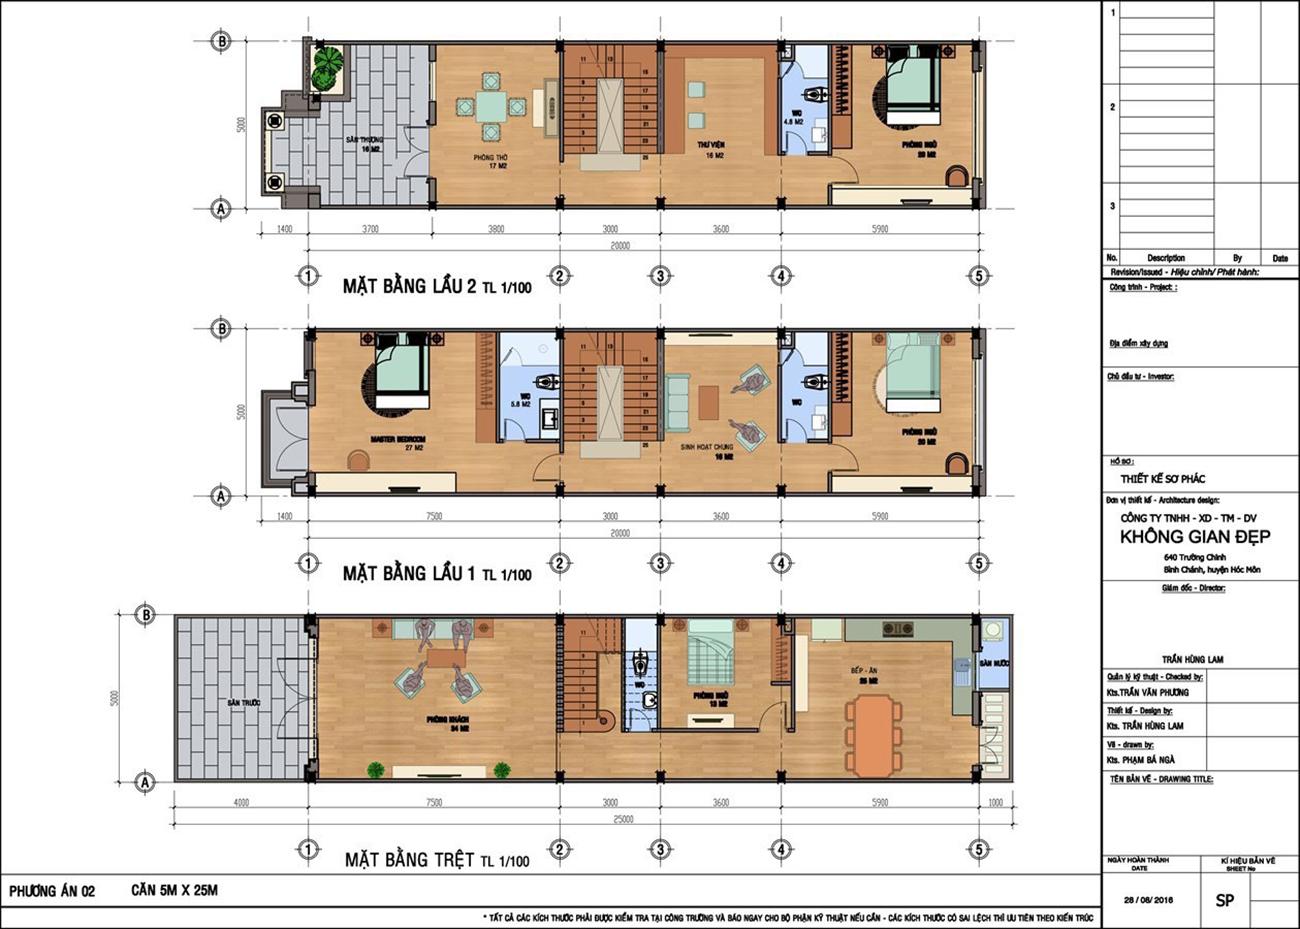 Thiết kế dự án nhà phố chung cư Champaca Garden Dĩ An Bình Dương